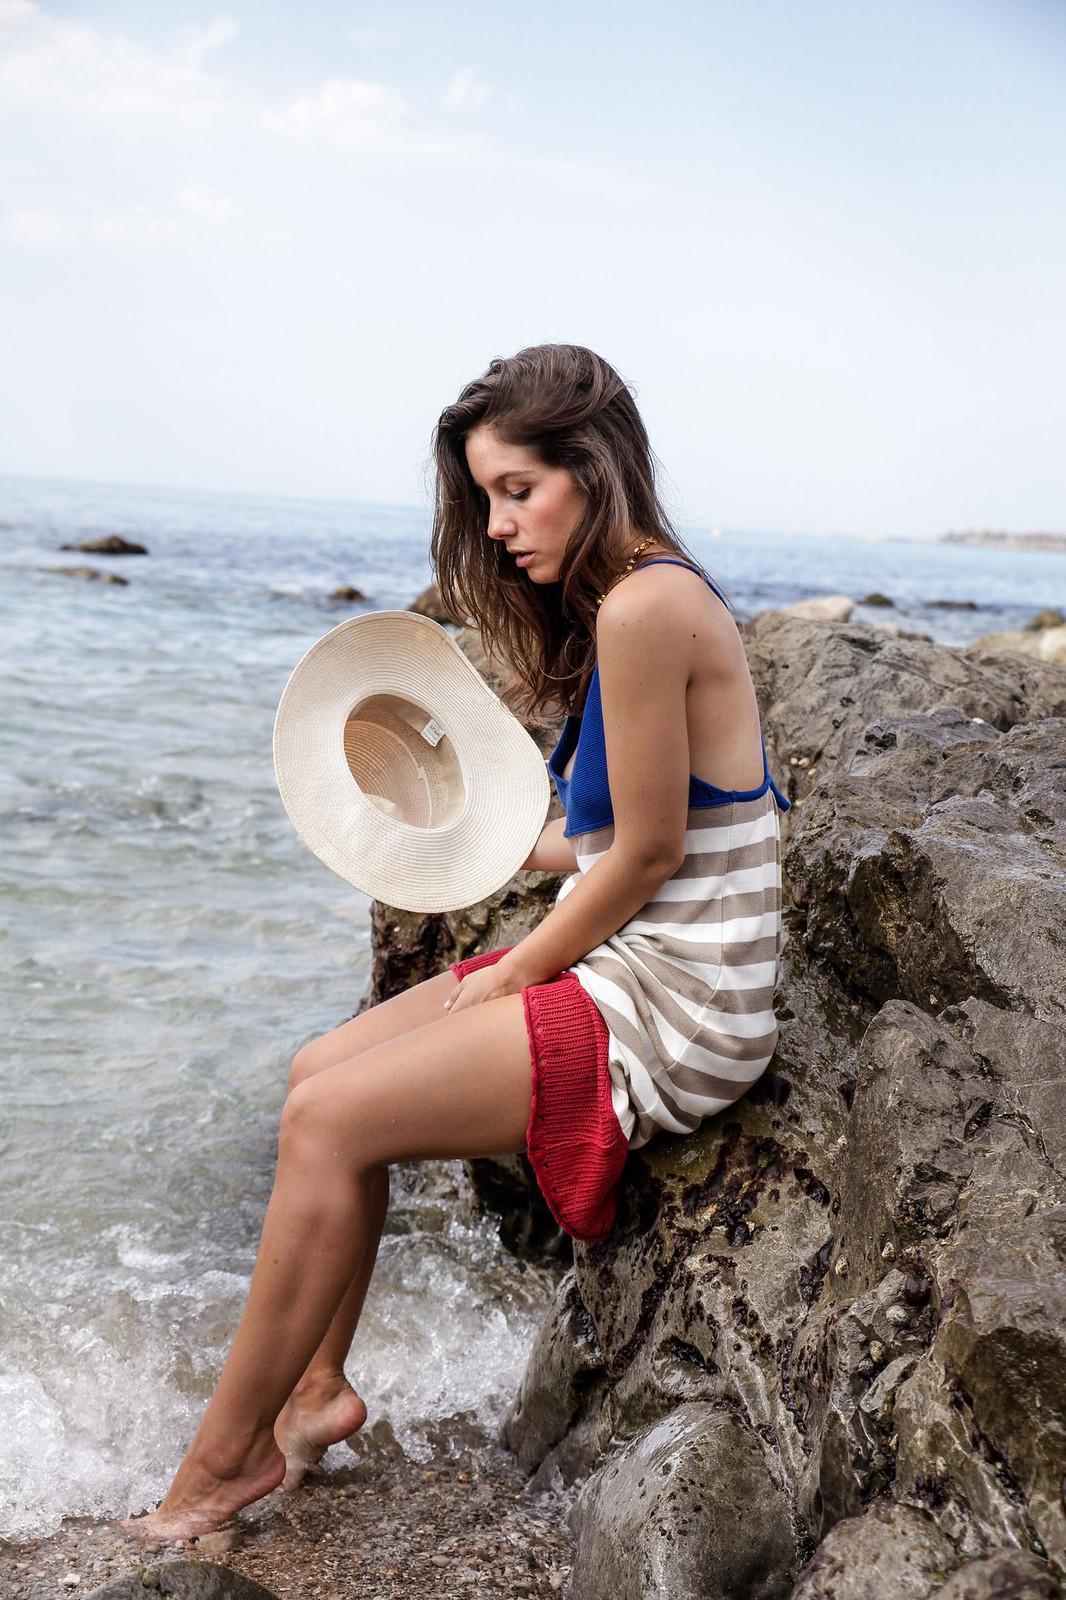 05_vestido_de_punto_rayas_rüga_coleccion_verano_the_guest_girl_ambassador_theguestgirl_barcelona_spain_cubelles_cala_secreta_sitges_influencer_moda_fashion_boho_